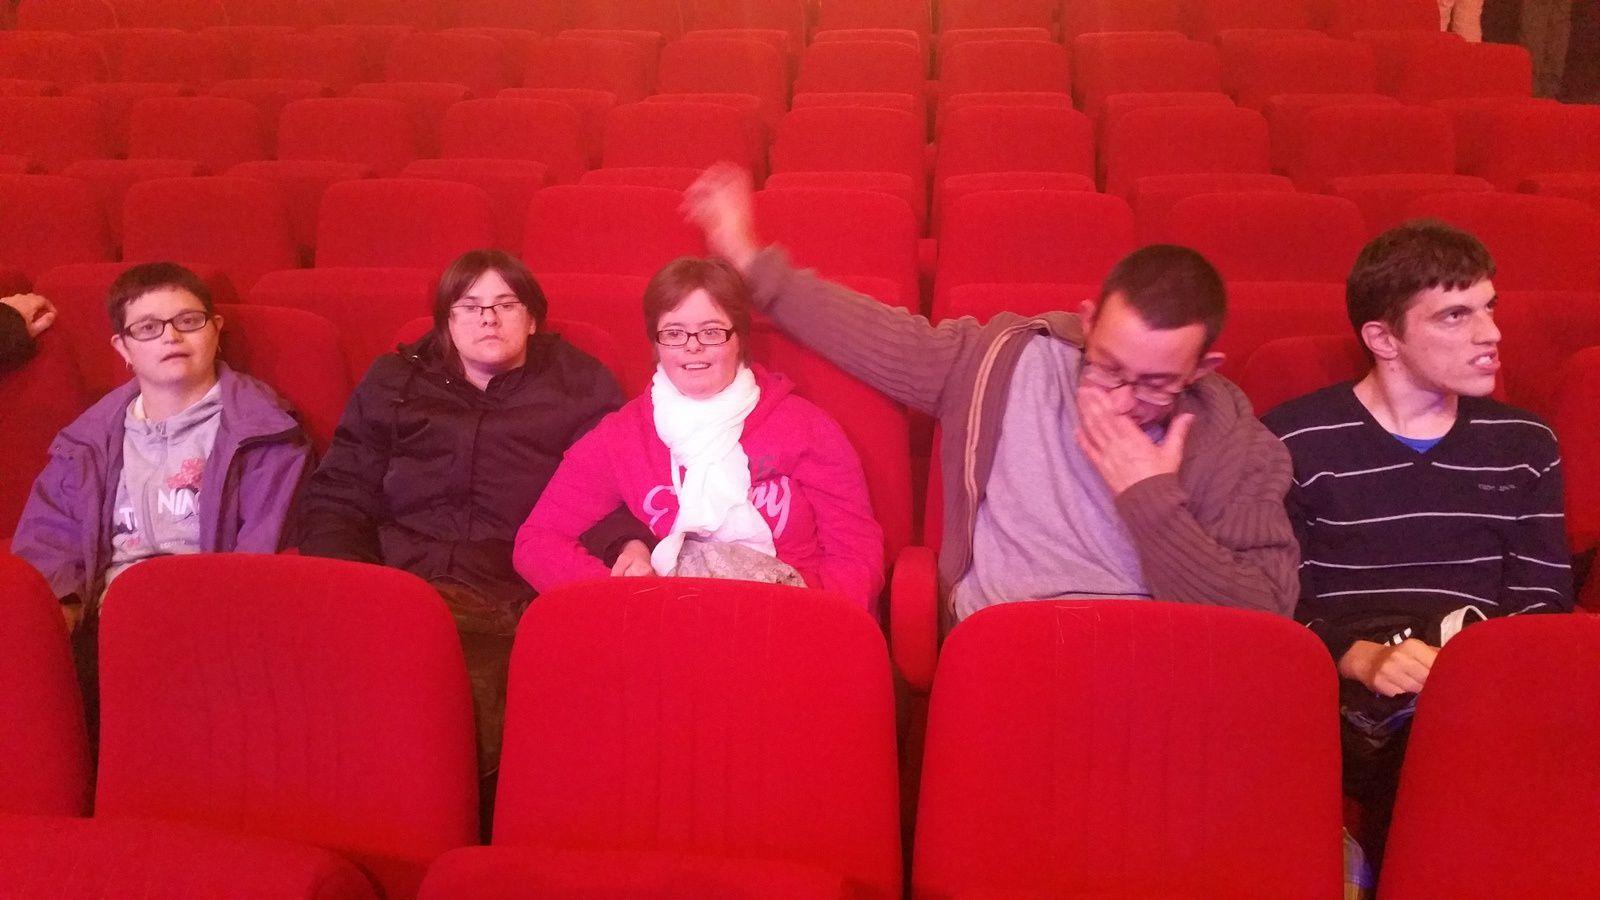 Super ambiance pour le concert de Toulouse con tour ! le Foyer du moulin blanc a mis le feu au Rexy...